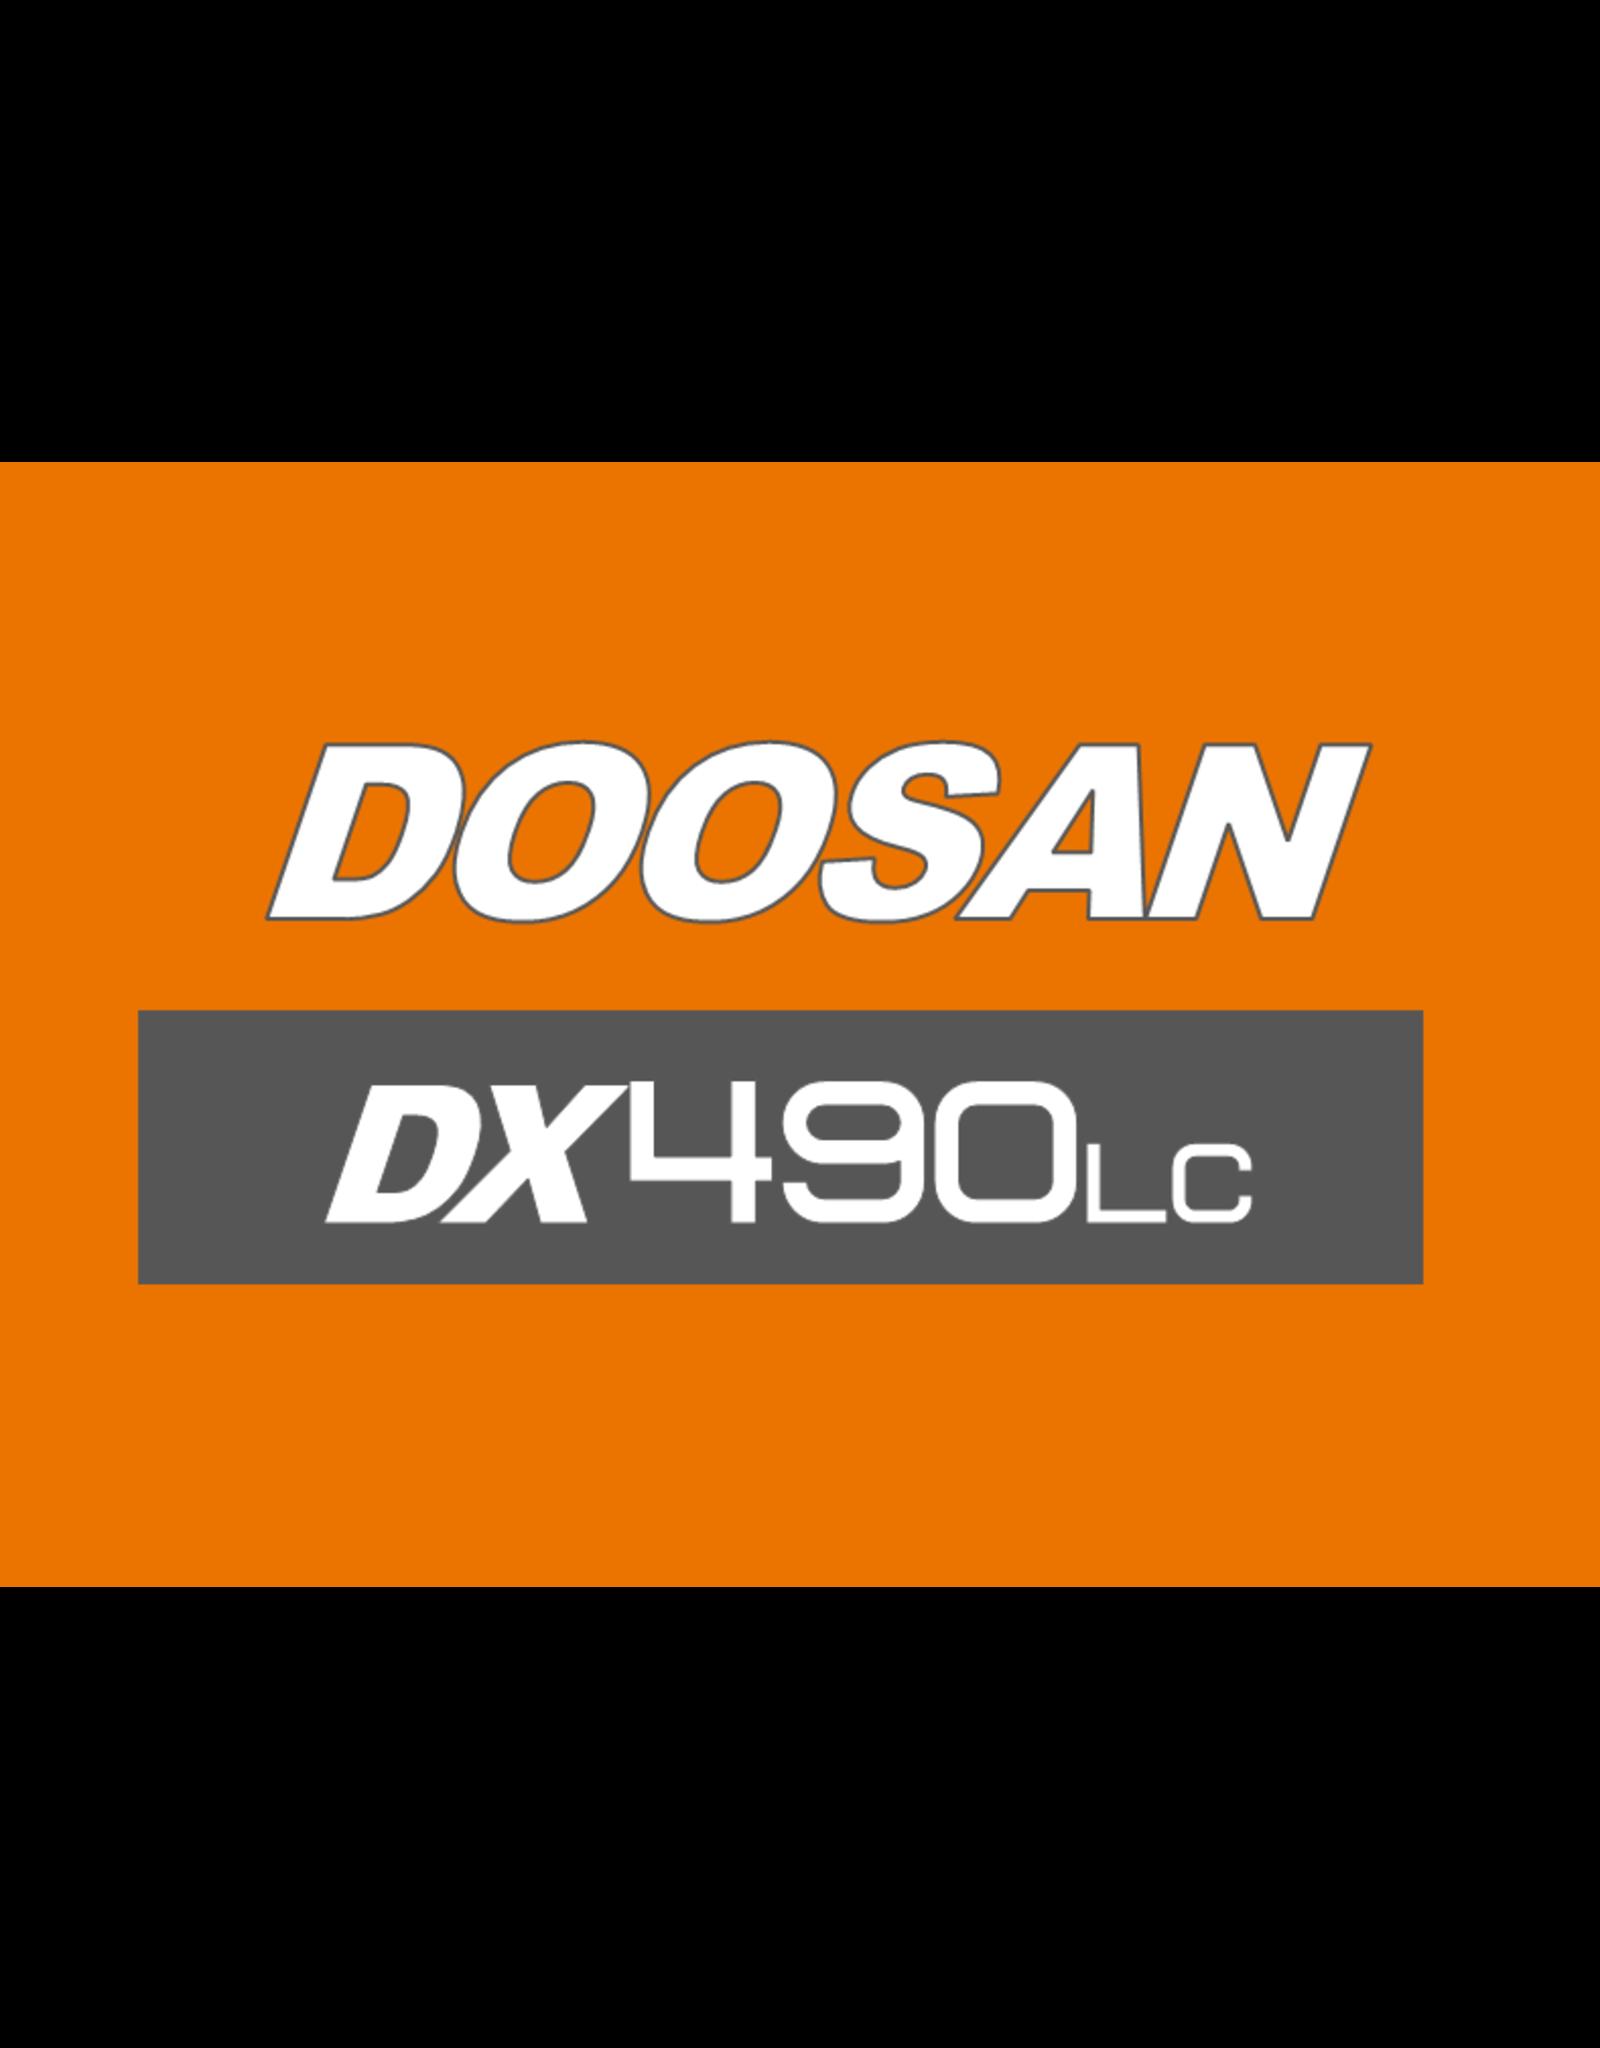 Echle Hartstahl GmbH FOPS for Doosan DX490LC-5